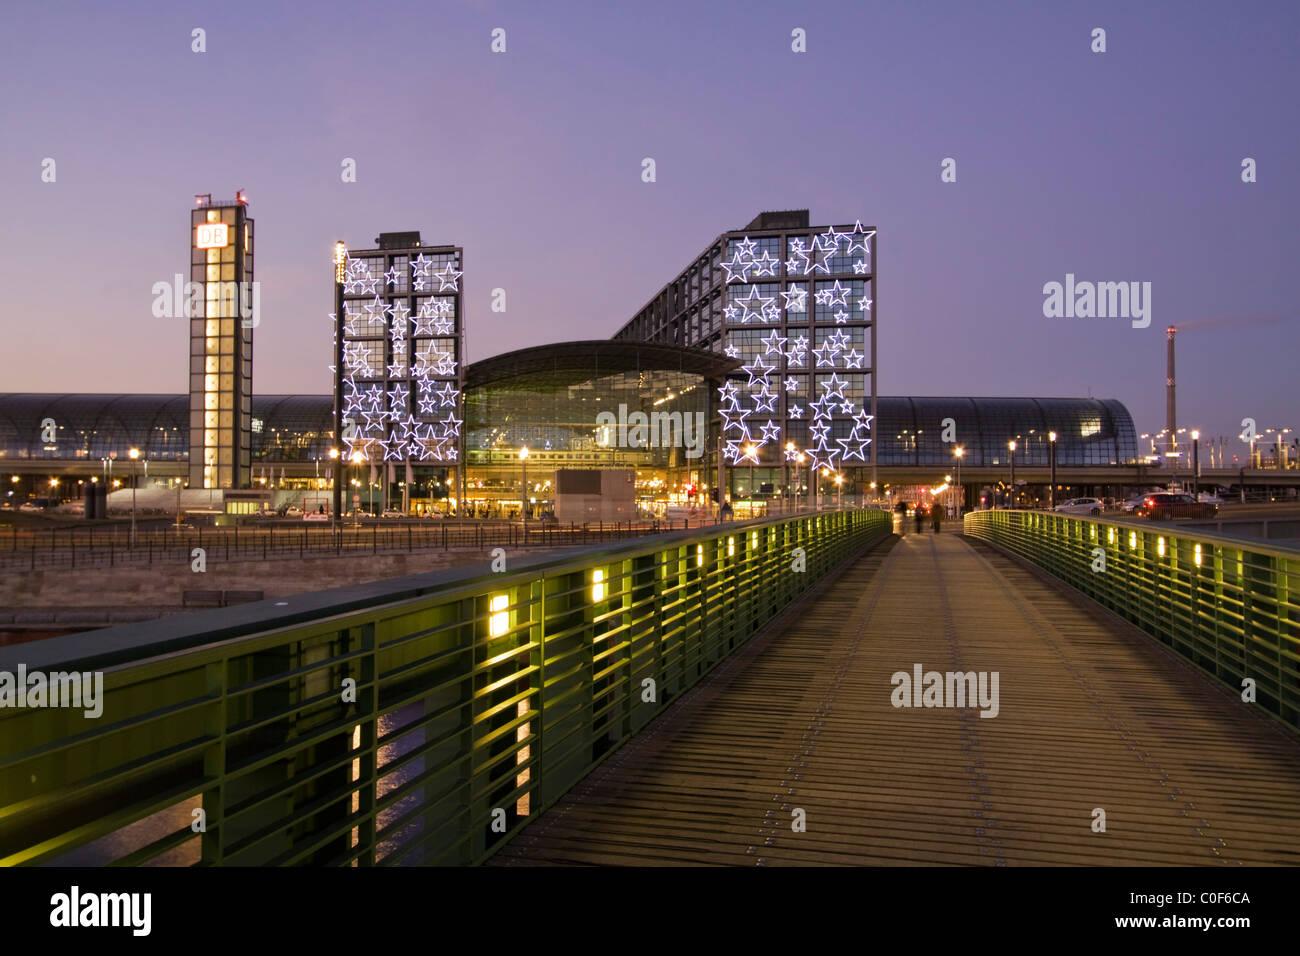 Foobridge über Fluss Spree zum neuen Hauptbahnhof, Lehrter Bahnhof, Chistmas Illumination, Berlin, Deutschland Stockbild